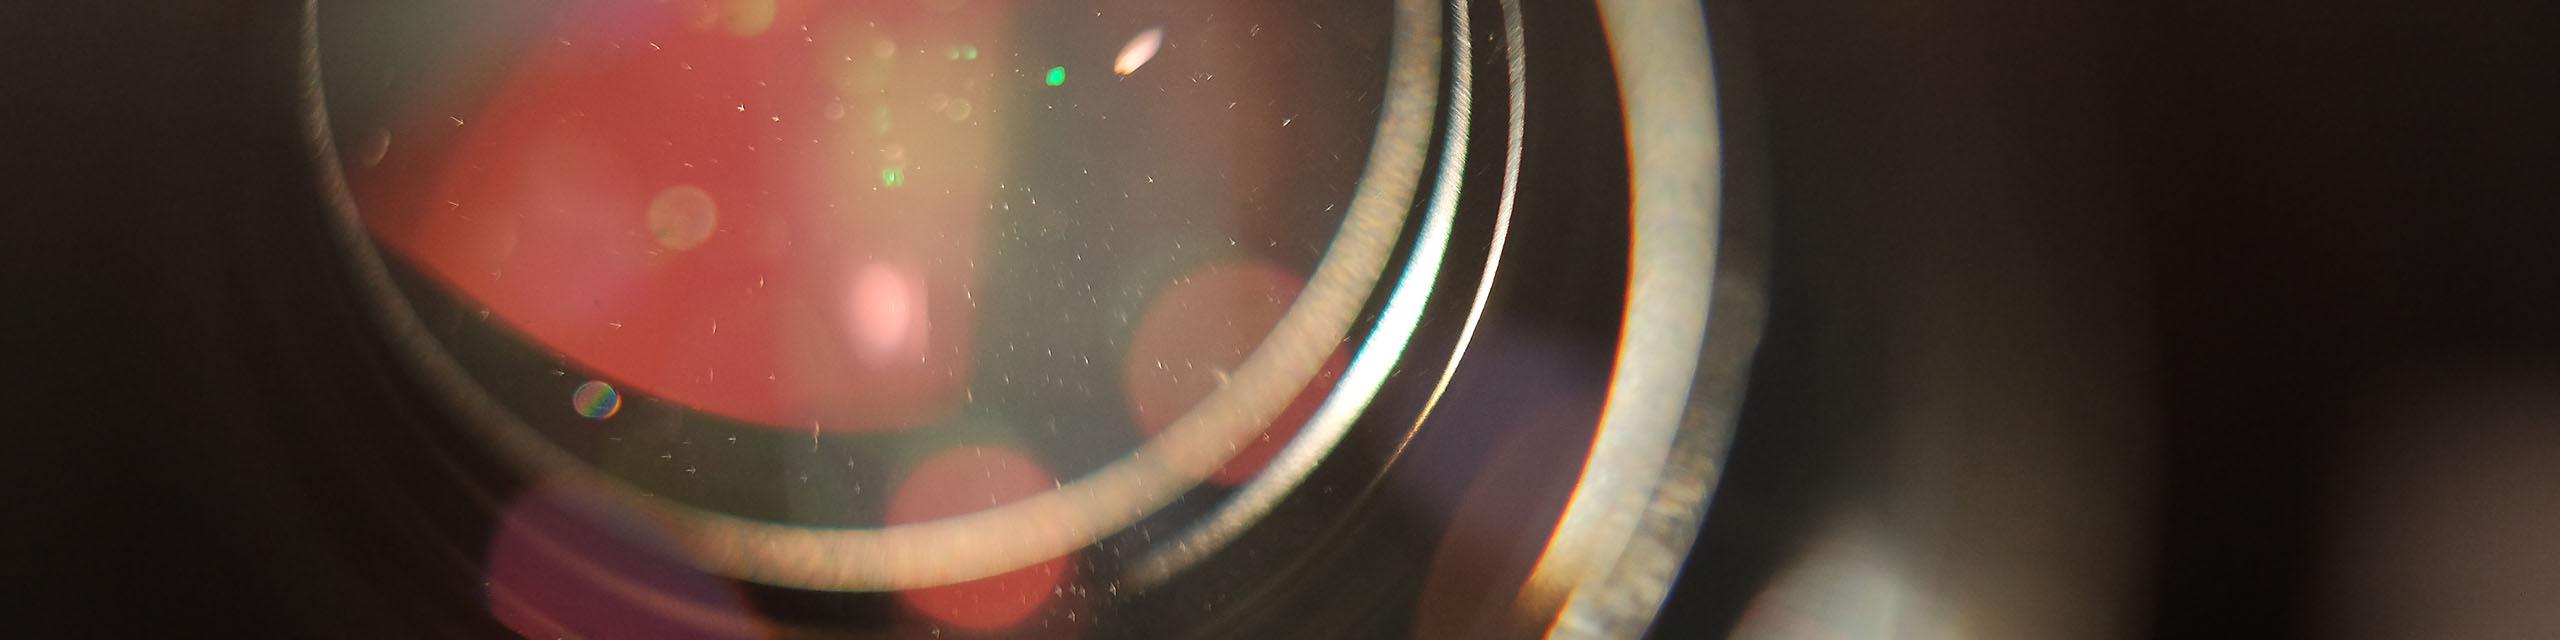 Titelbild Datenschutz: Objektivlinse